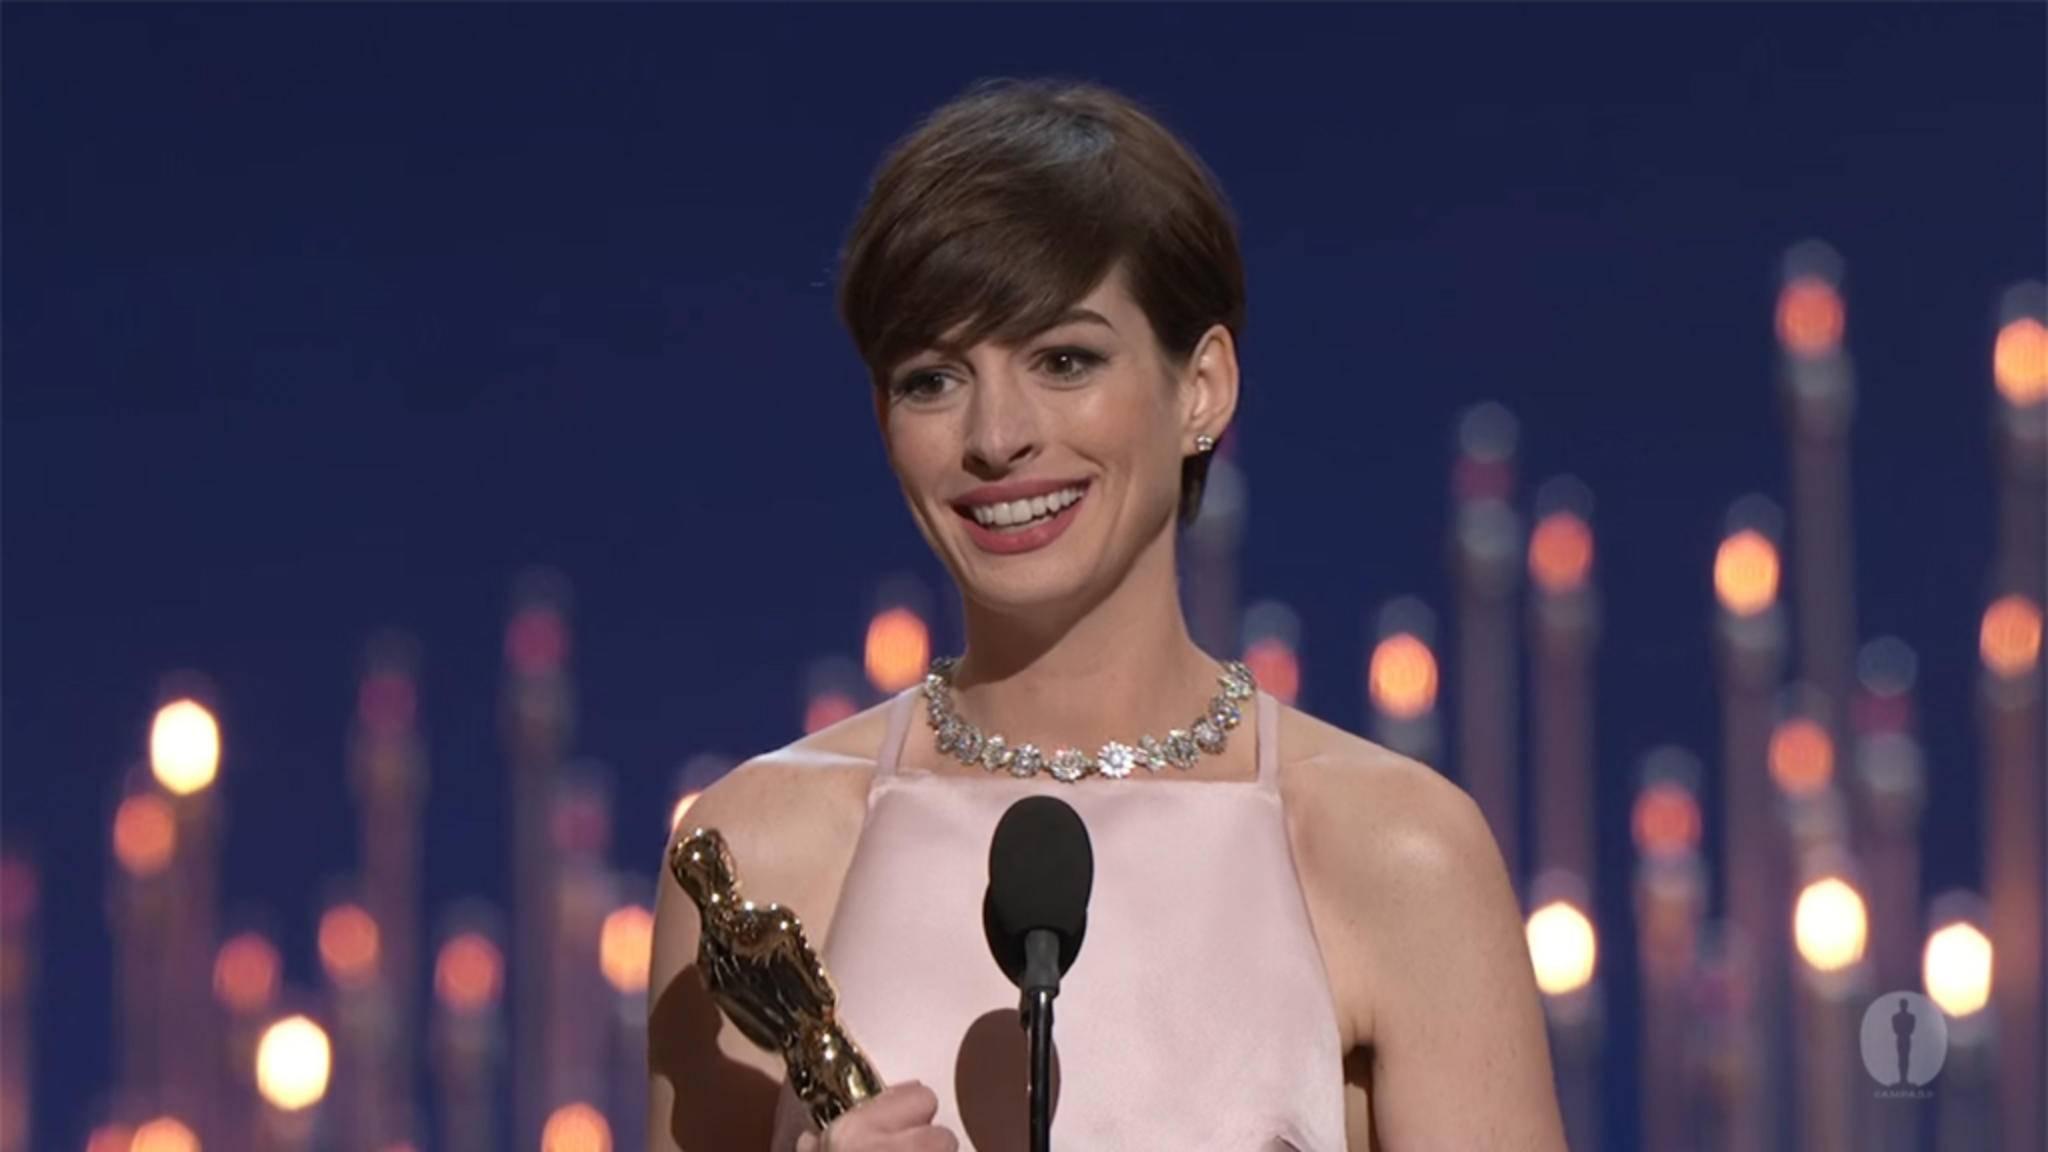 """Anne Hathaway gewinnt 2013 einen Oscar für ihre Rolle in """"Les Misérables""""."""